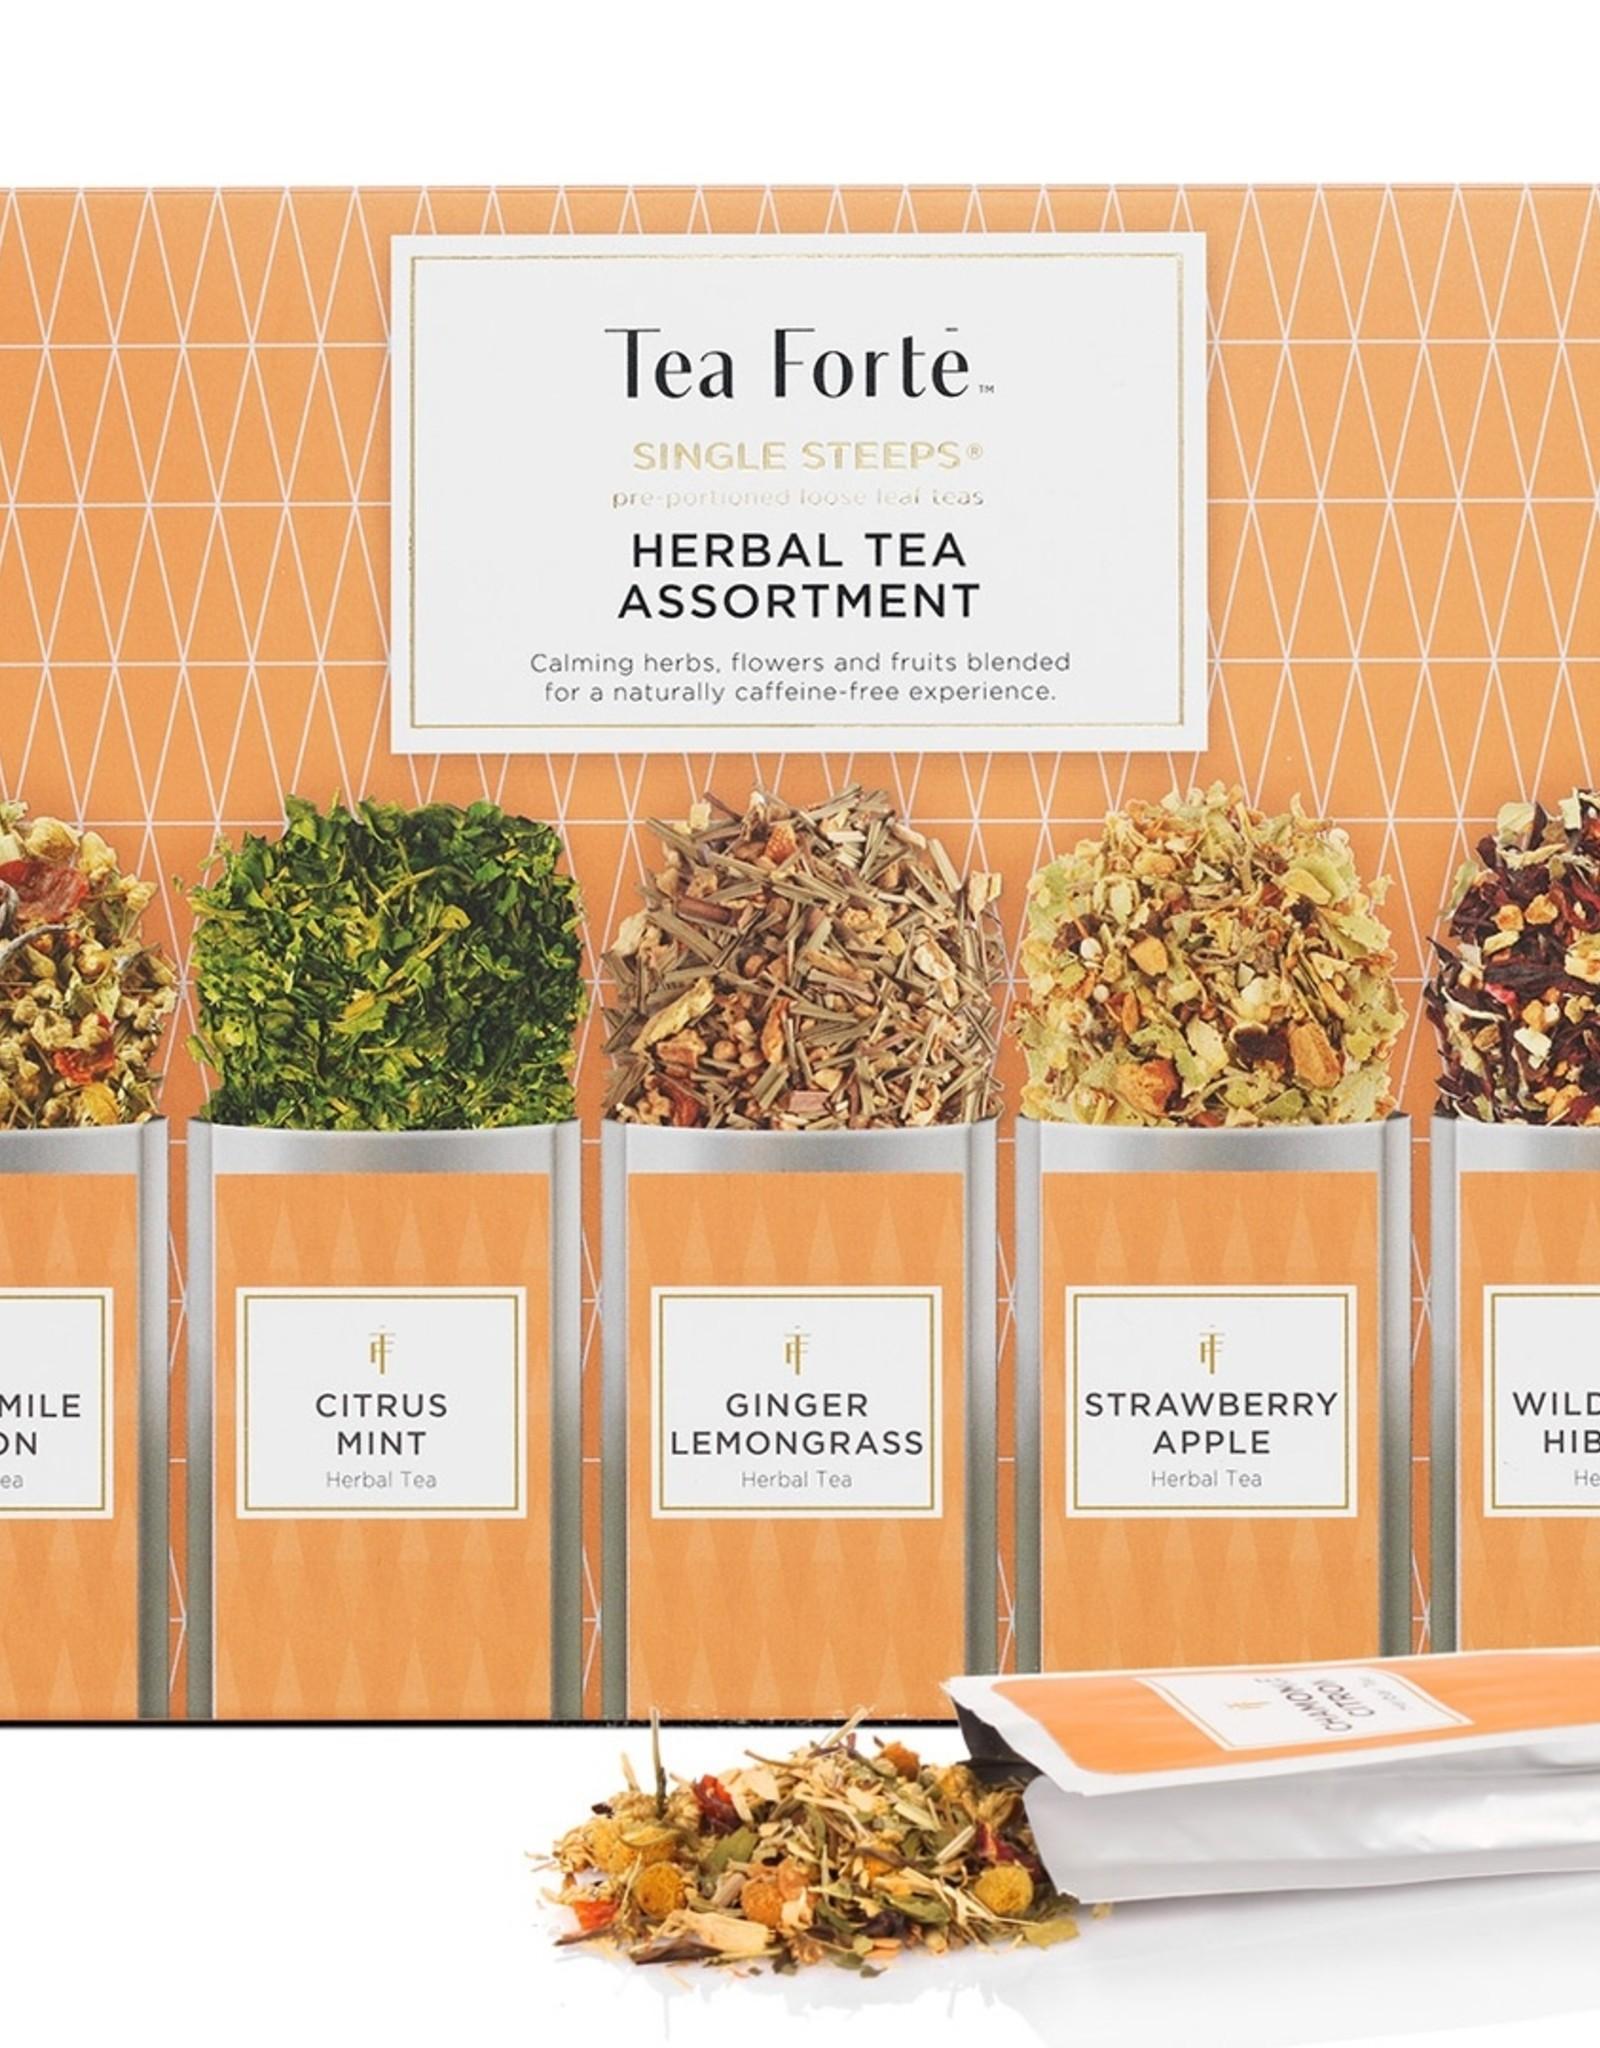 Tea Forte Tea Forte - Single Steeps Herbal